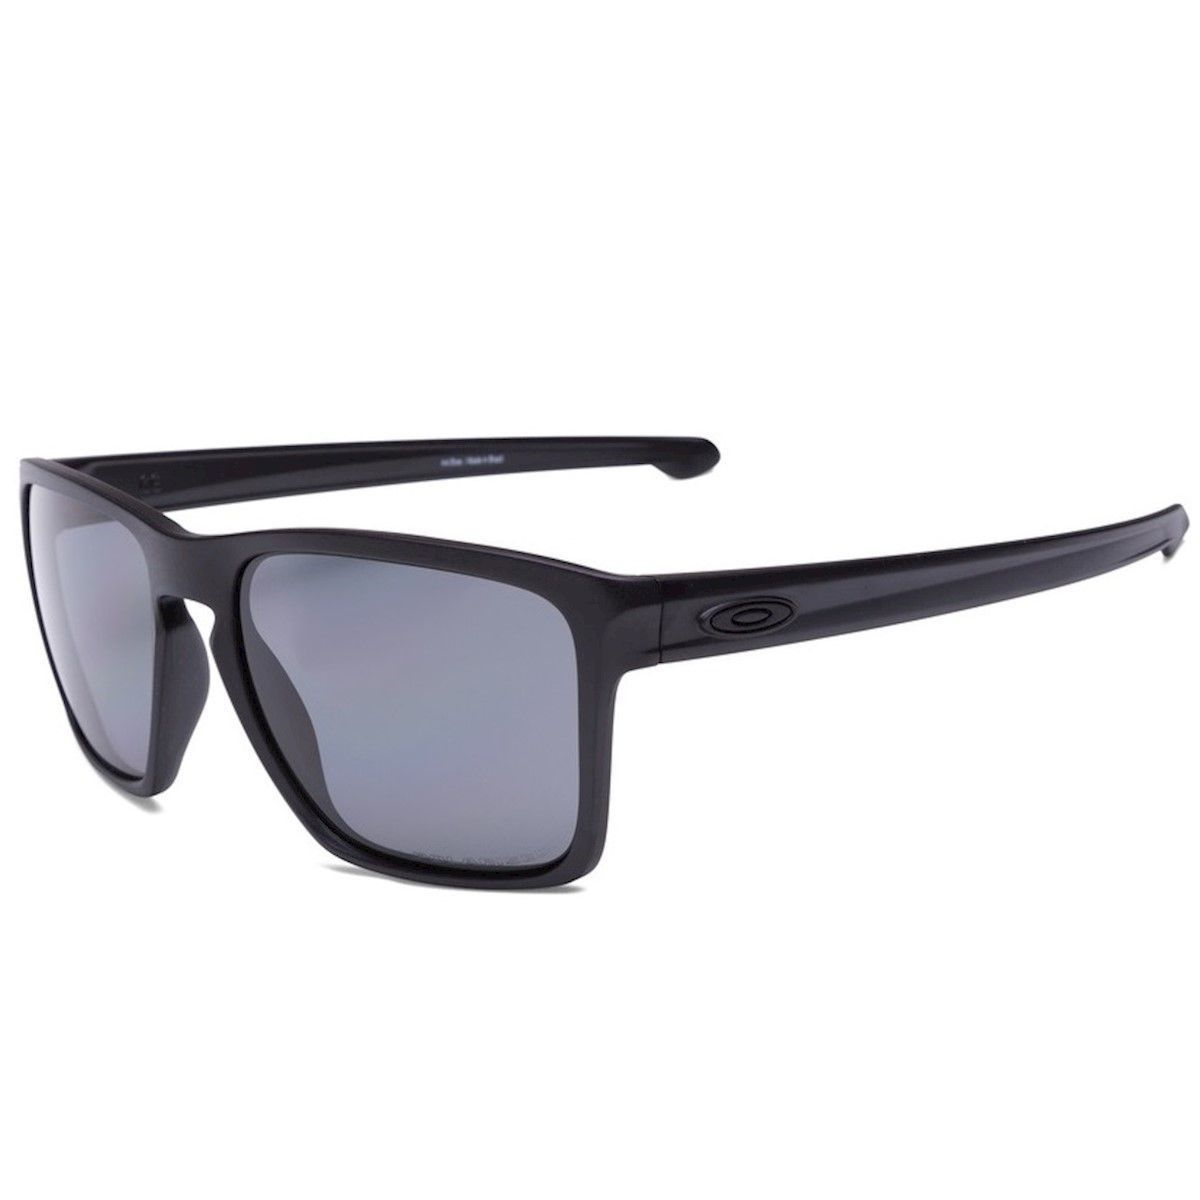 Óculos de sol Okaley Sliver XL Polarizado